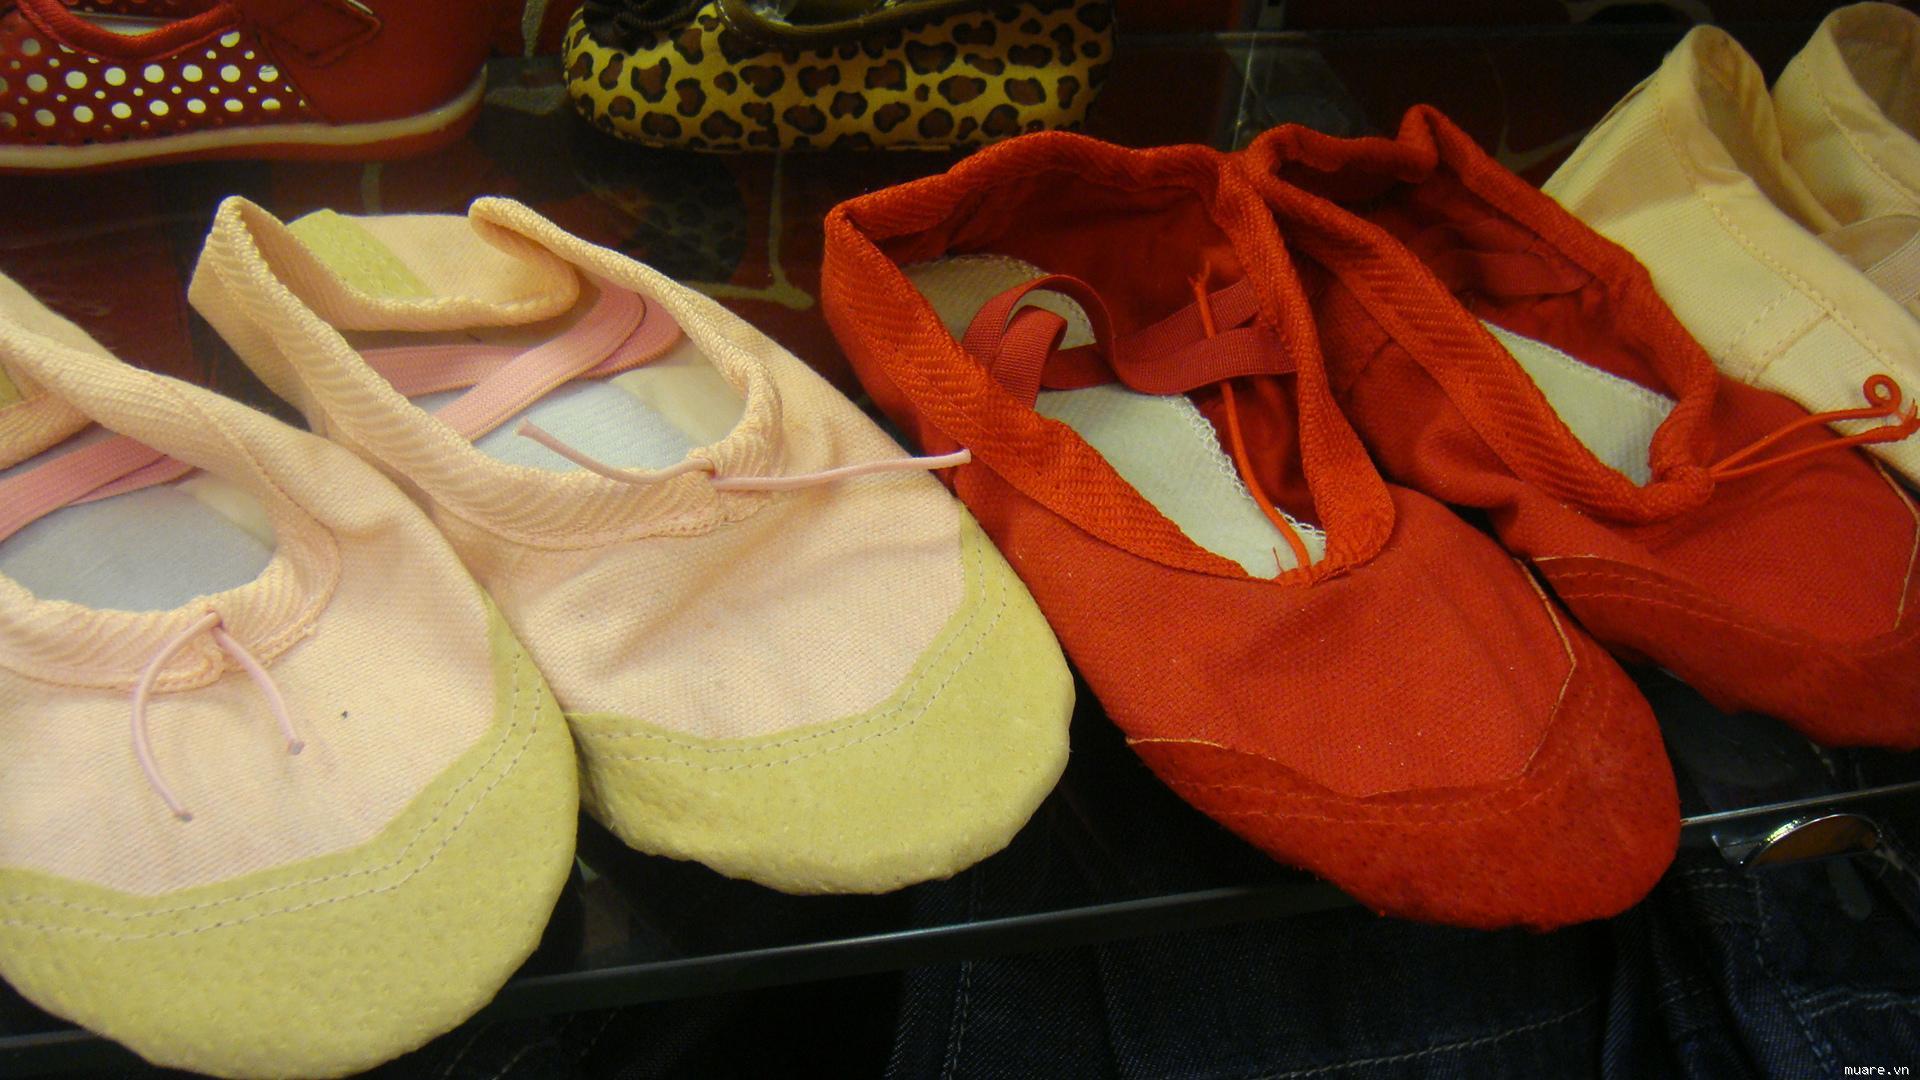 Mua giầy khiêu vũ đẹp giá rẻ tại Hà Nội ở đâu?